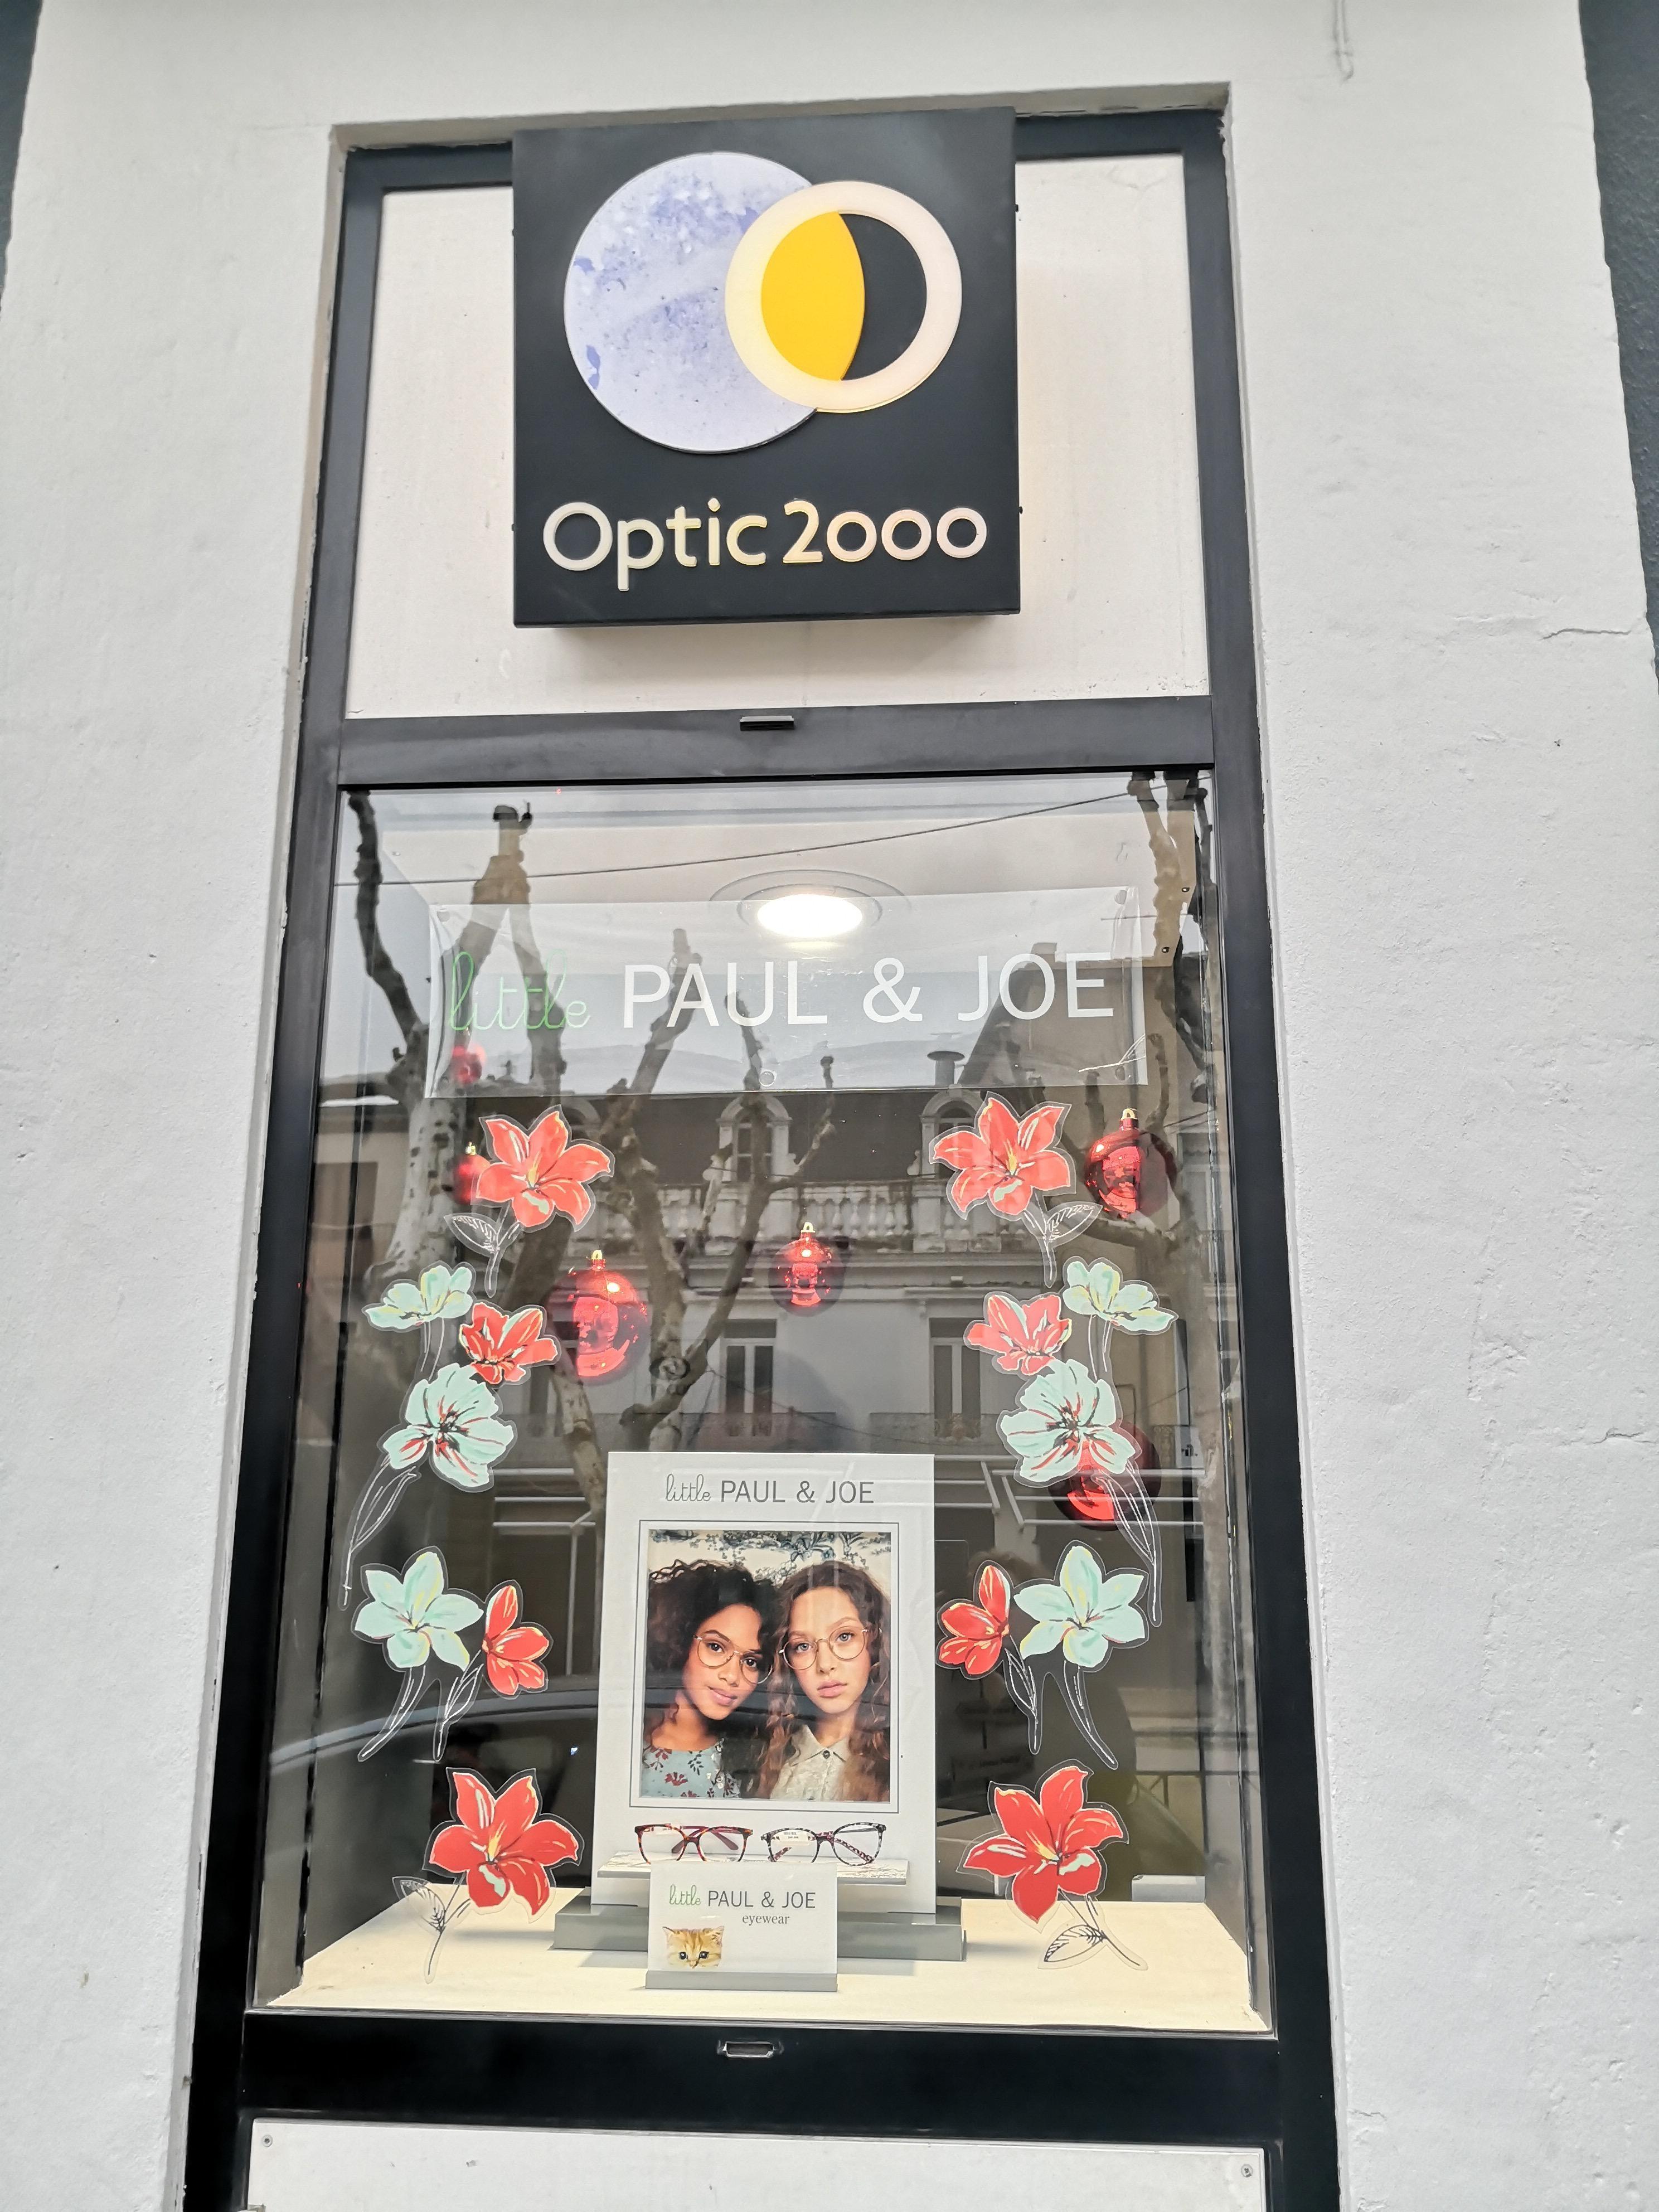 Opticien Optic 2000 Clermont-l'Hérault - Lunettes, lunettes de soleil, lentilles